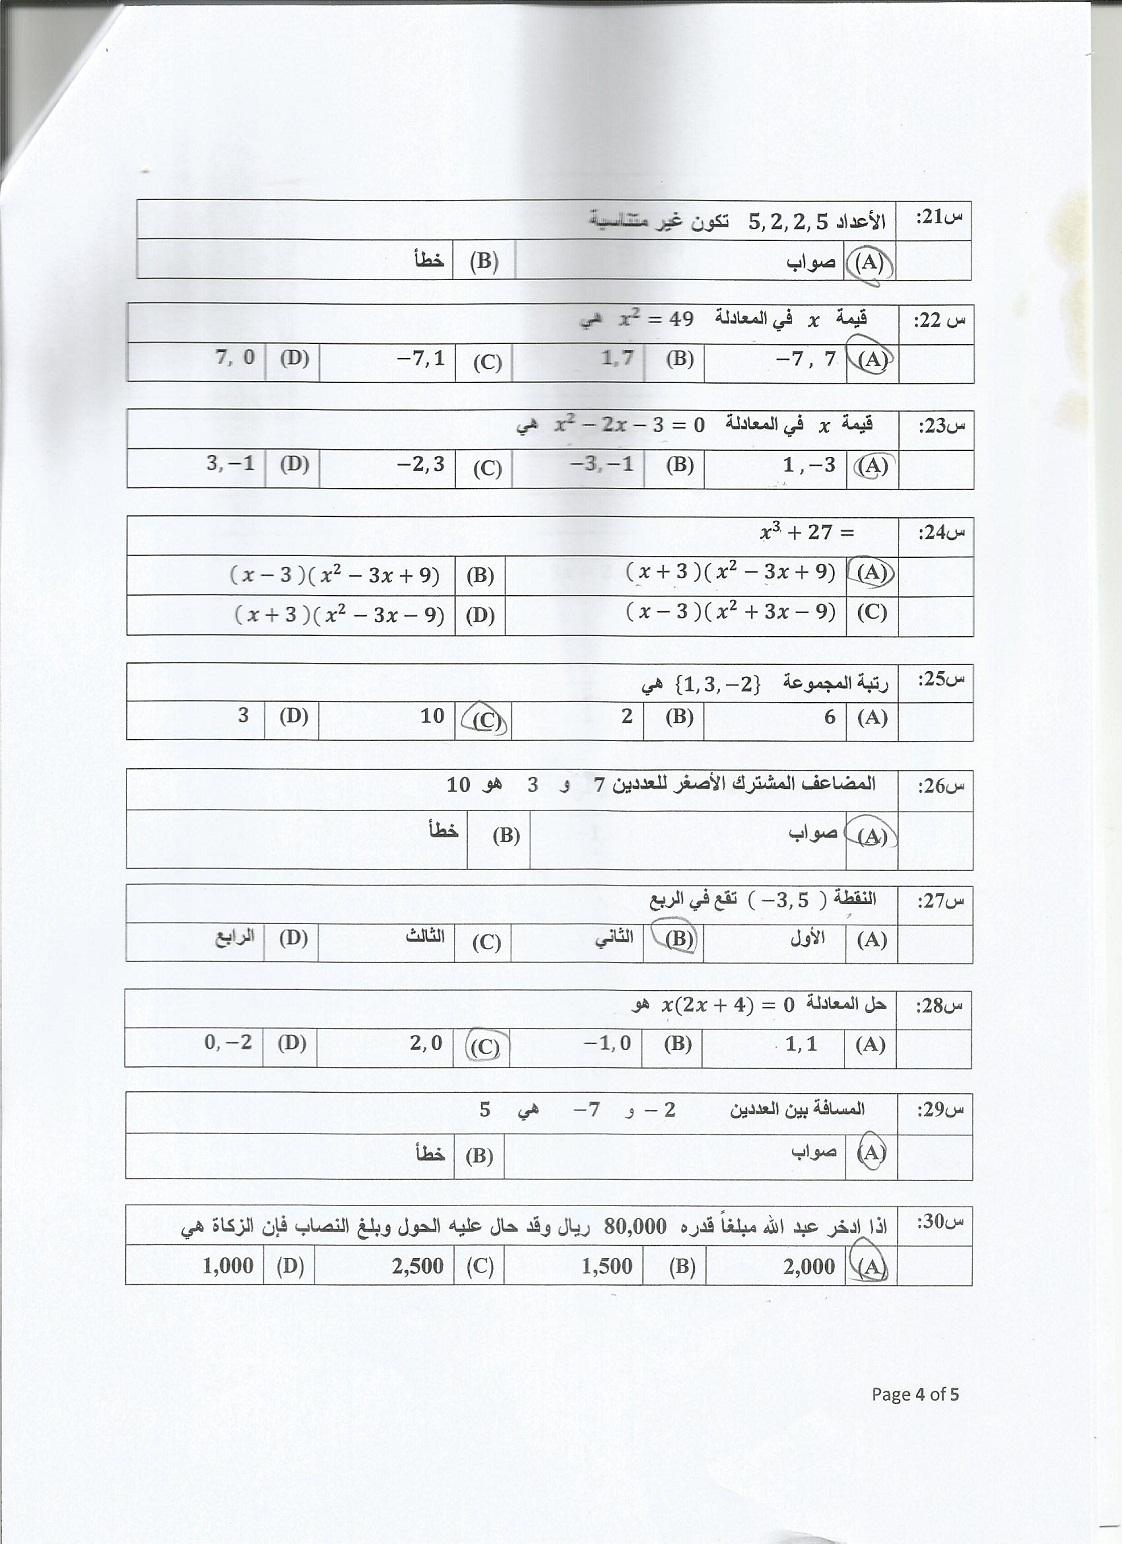 اسئلة اختبار الرياضيات math 111 انتساب الفصل الثاني 1436هـ e-001.jpg